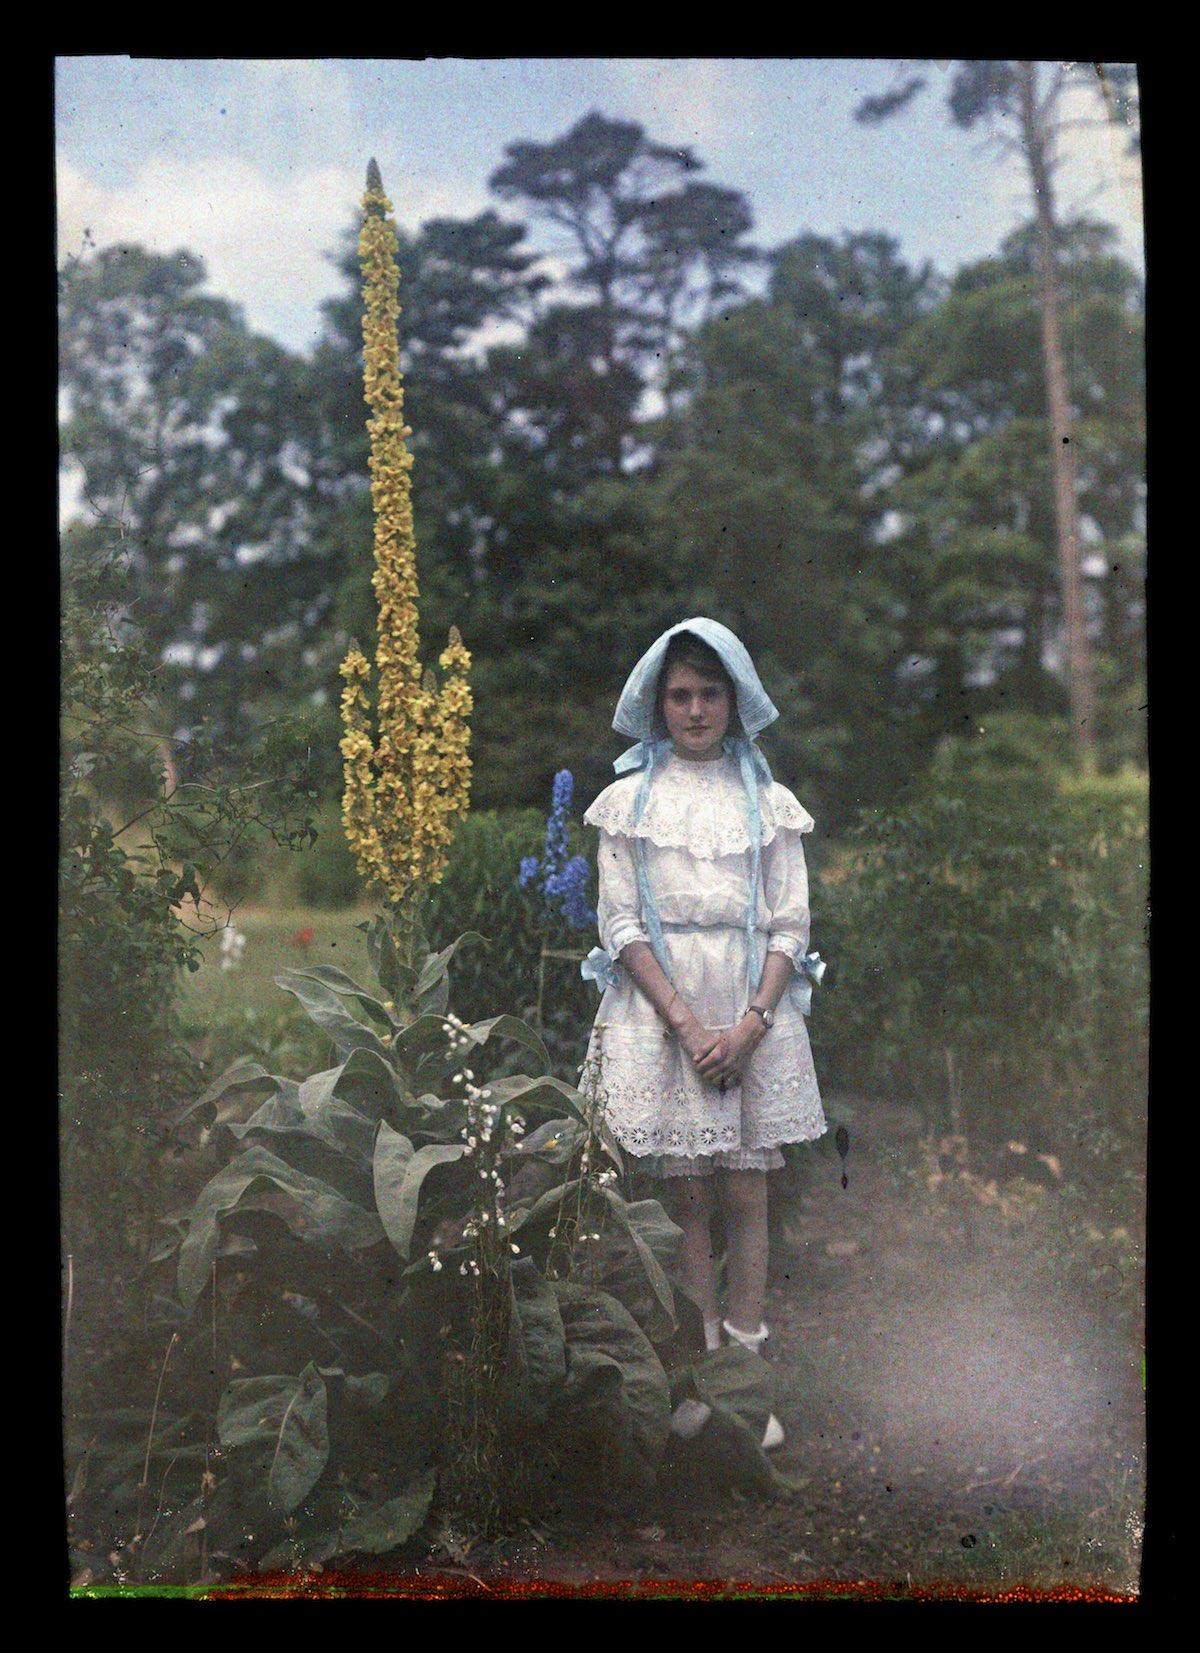 Etheldreda Janet Laing, autuchrome